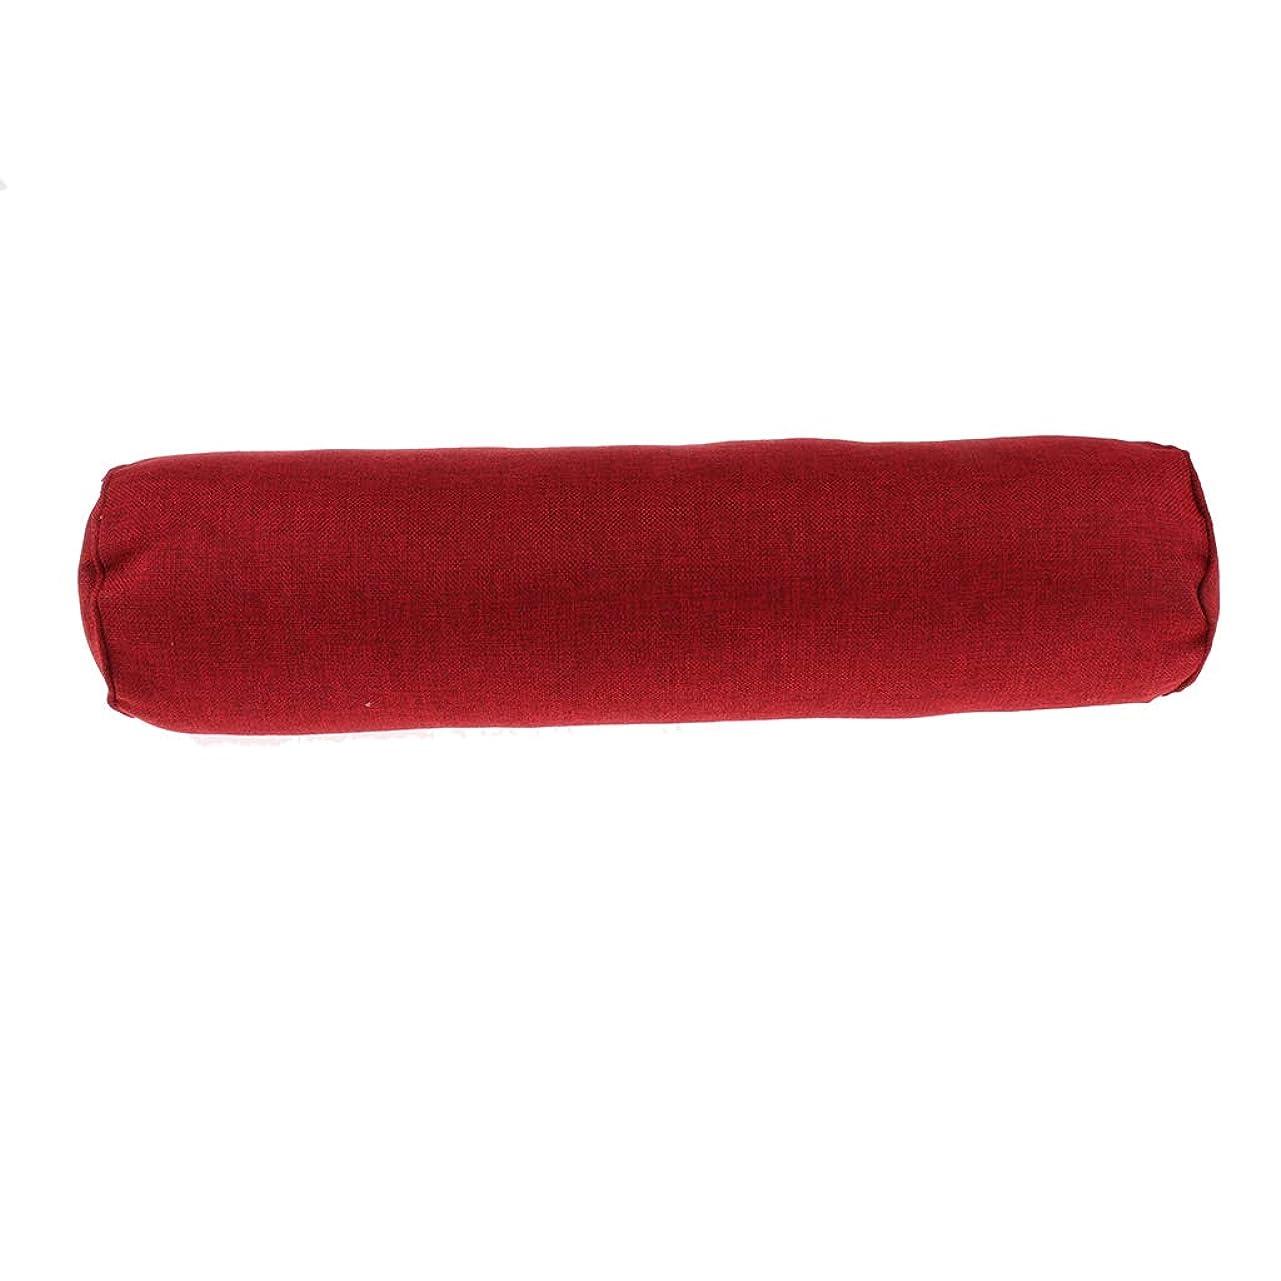 ヒット堂々たるオーチャードPerfeclan 全5色 ネックロールピロー 携帯枕 頚椎サポート 自宅 オフィス トラベル 洗える - ワインレッド